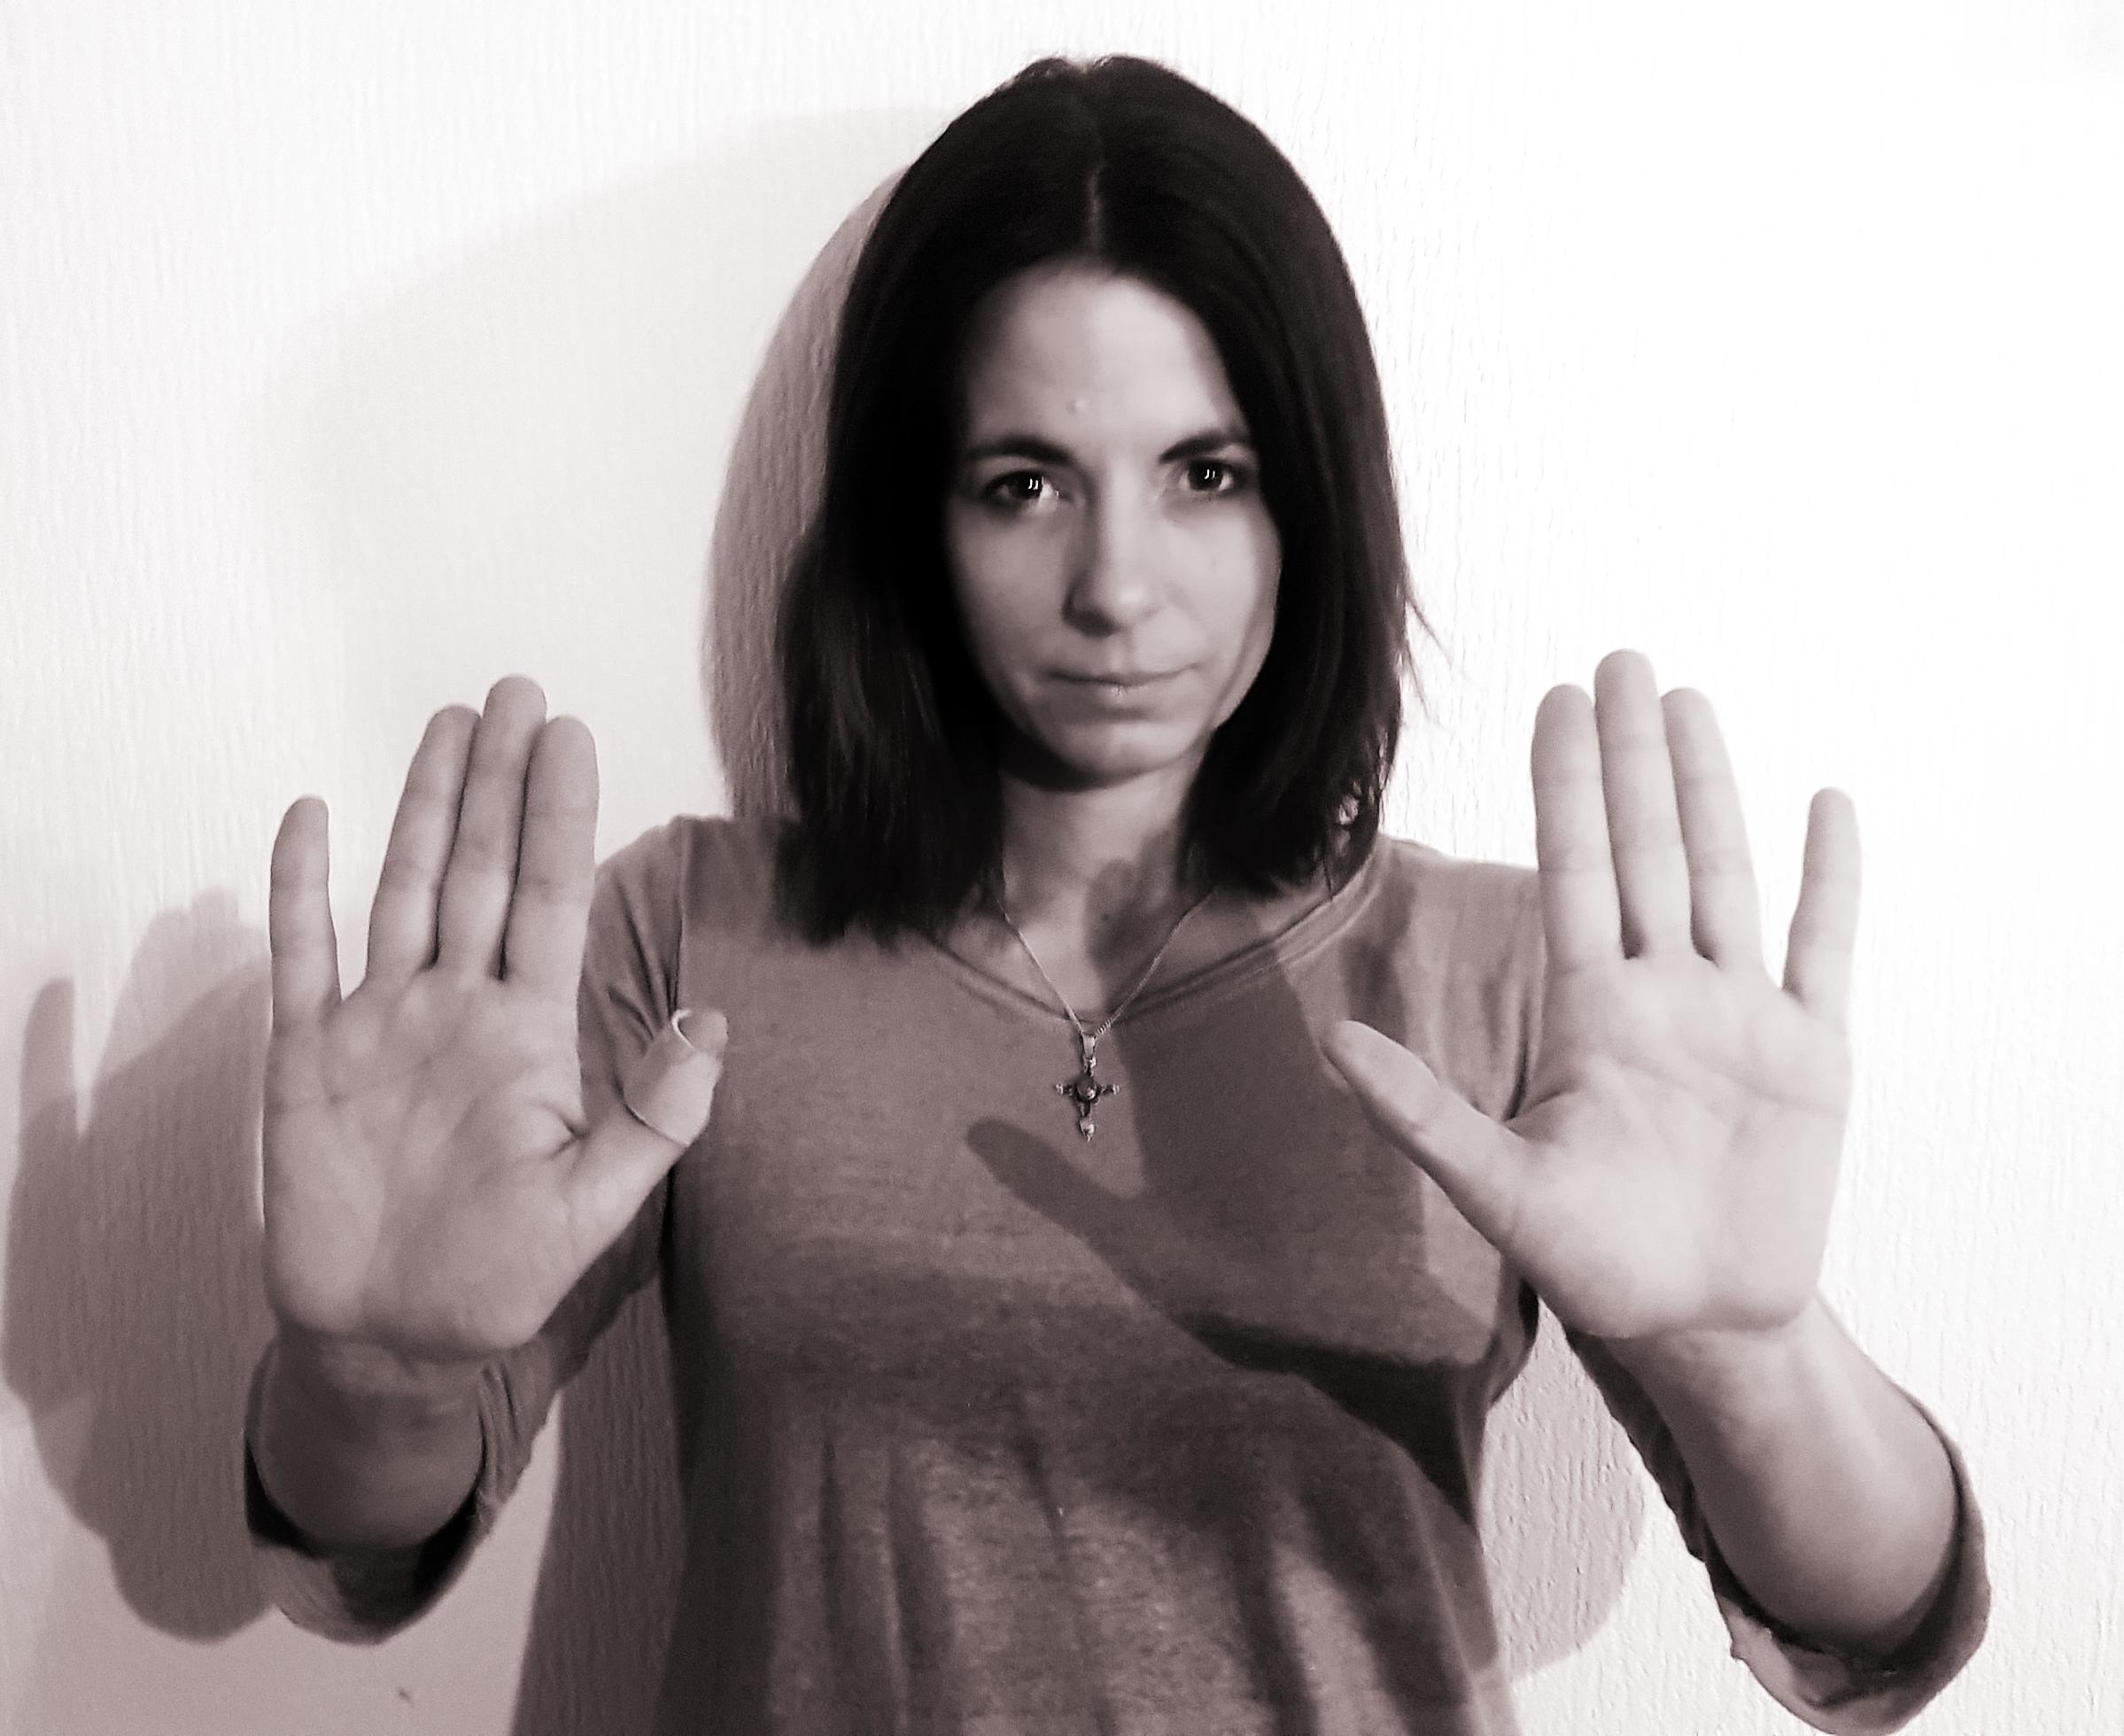 Hände ausstrecken und mitmachen. #Stop10Seconds